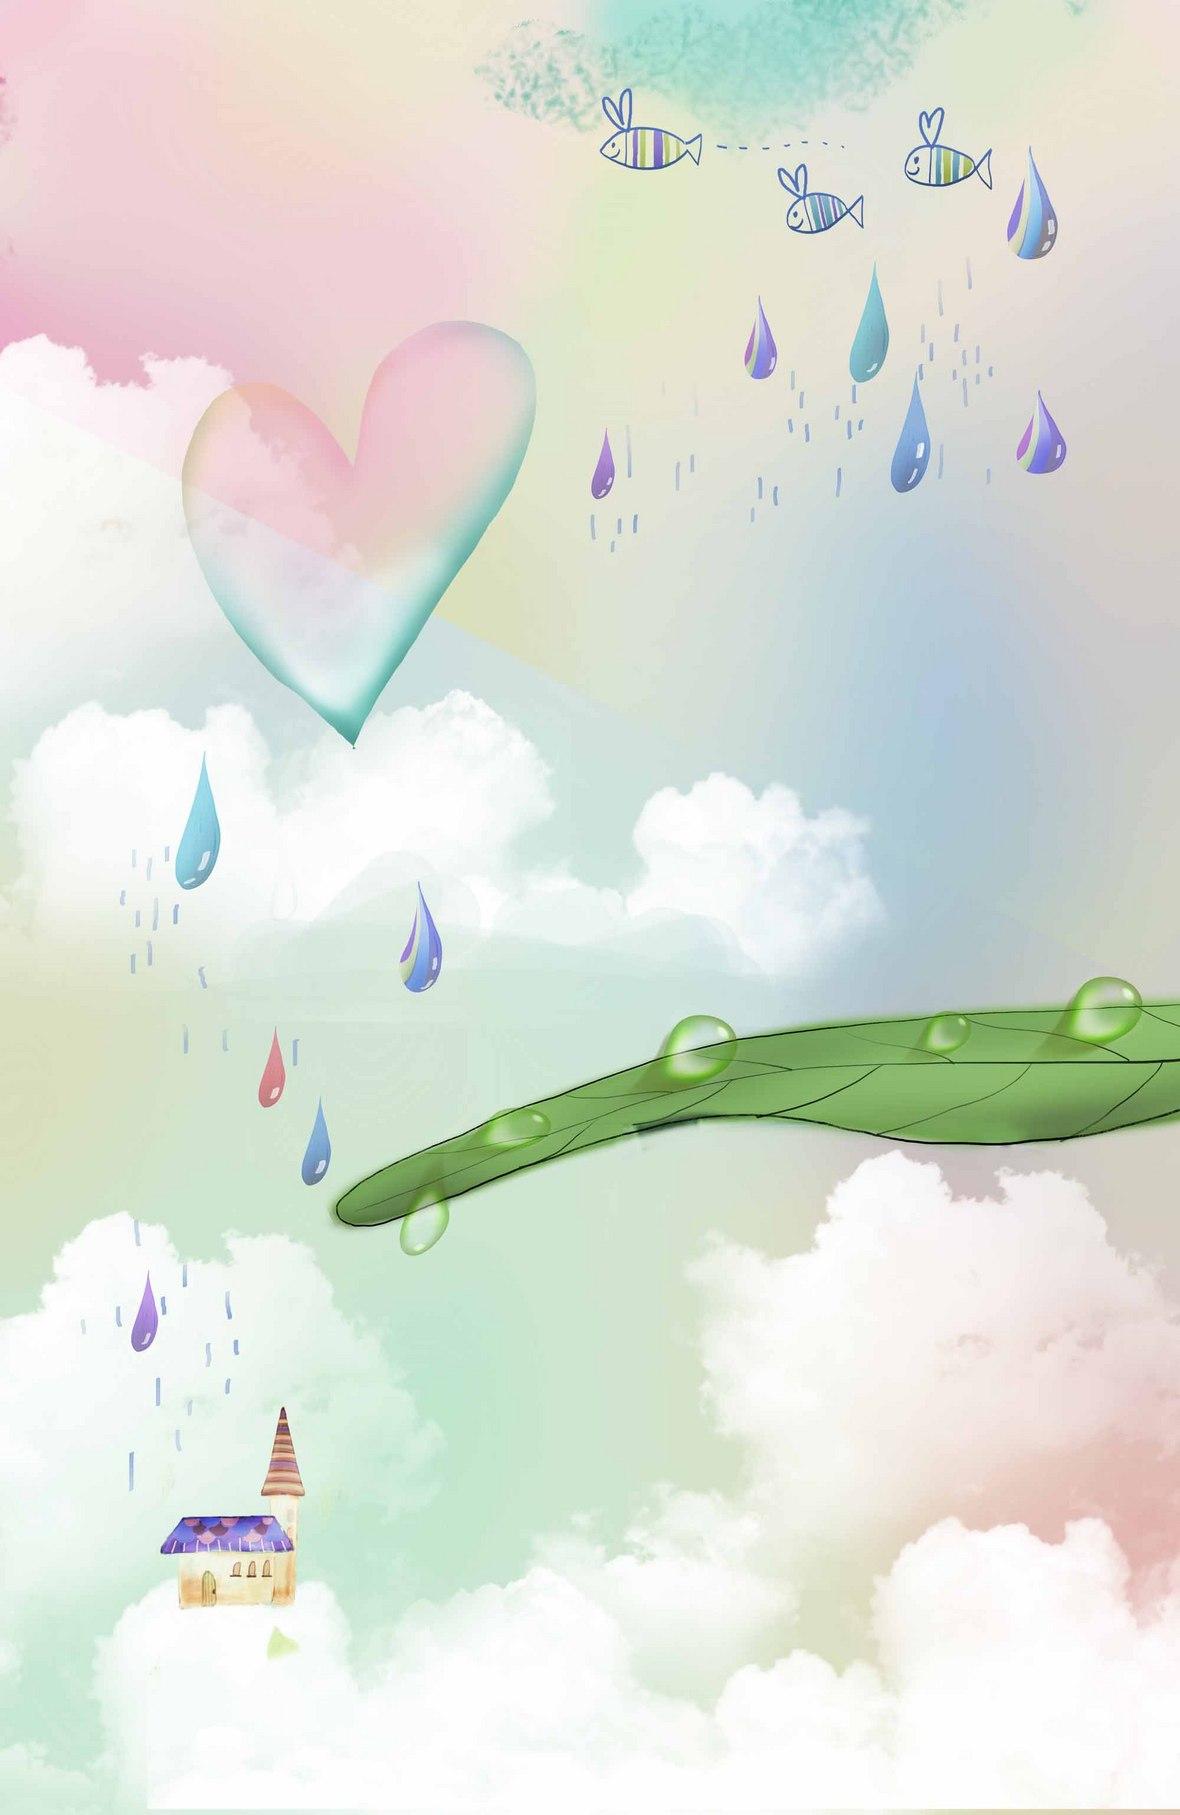 水彩手绘爱心儿童相册海报背景模板